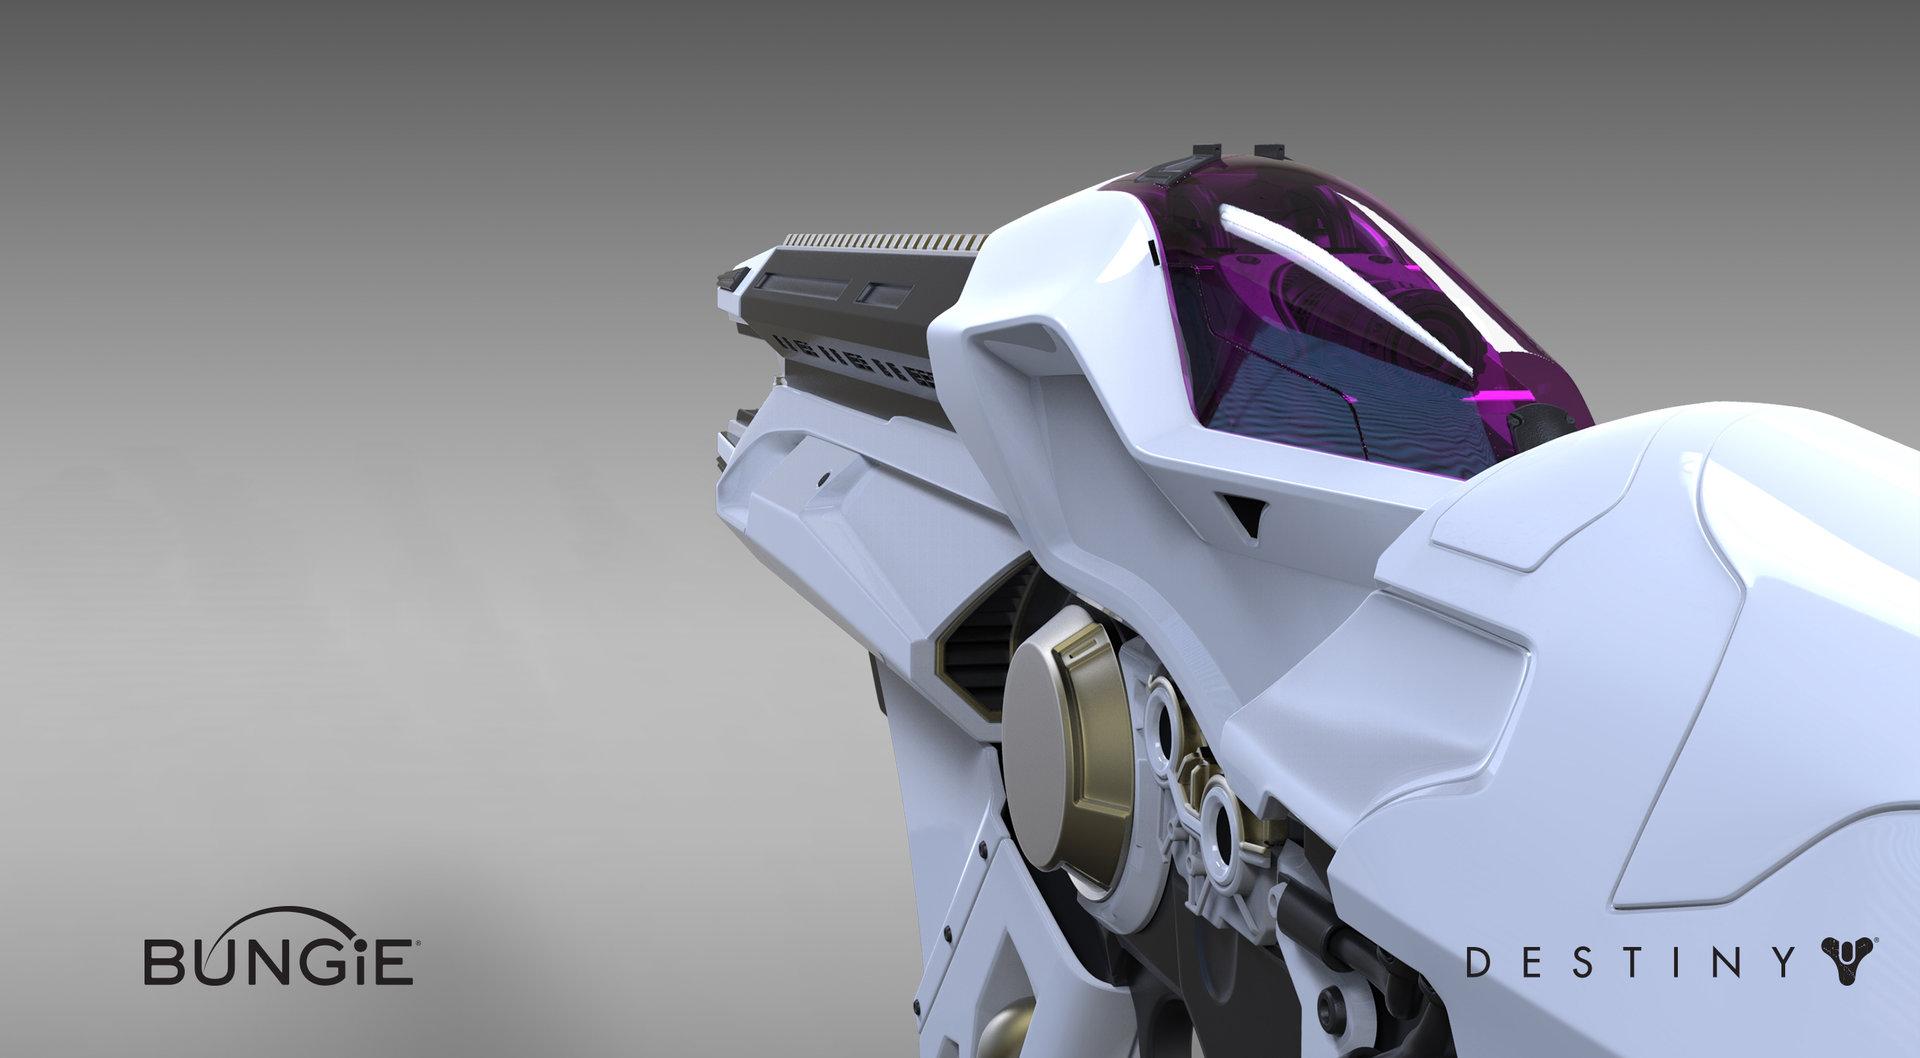 6 Neuigkeiten über Destiny: Xur, Waffen, Wartung, mehr